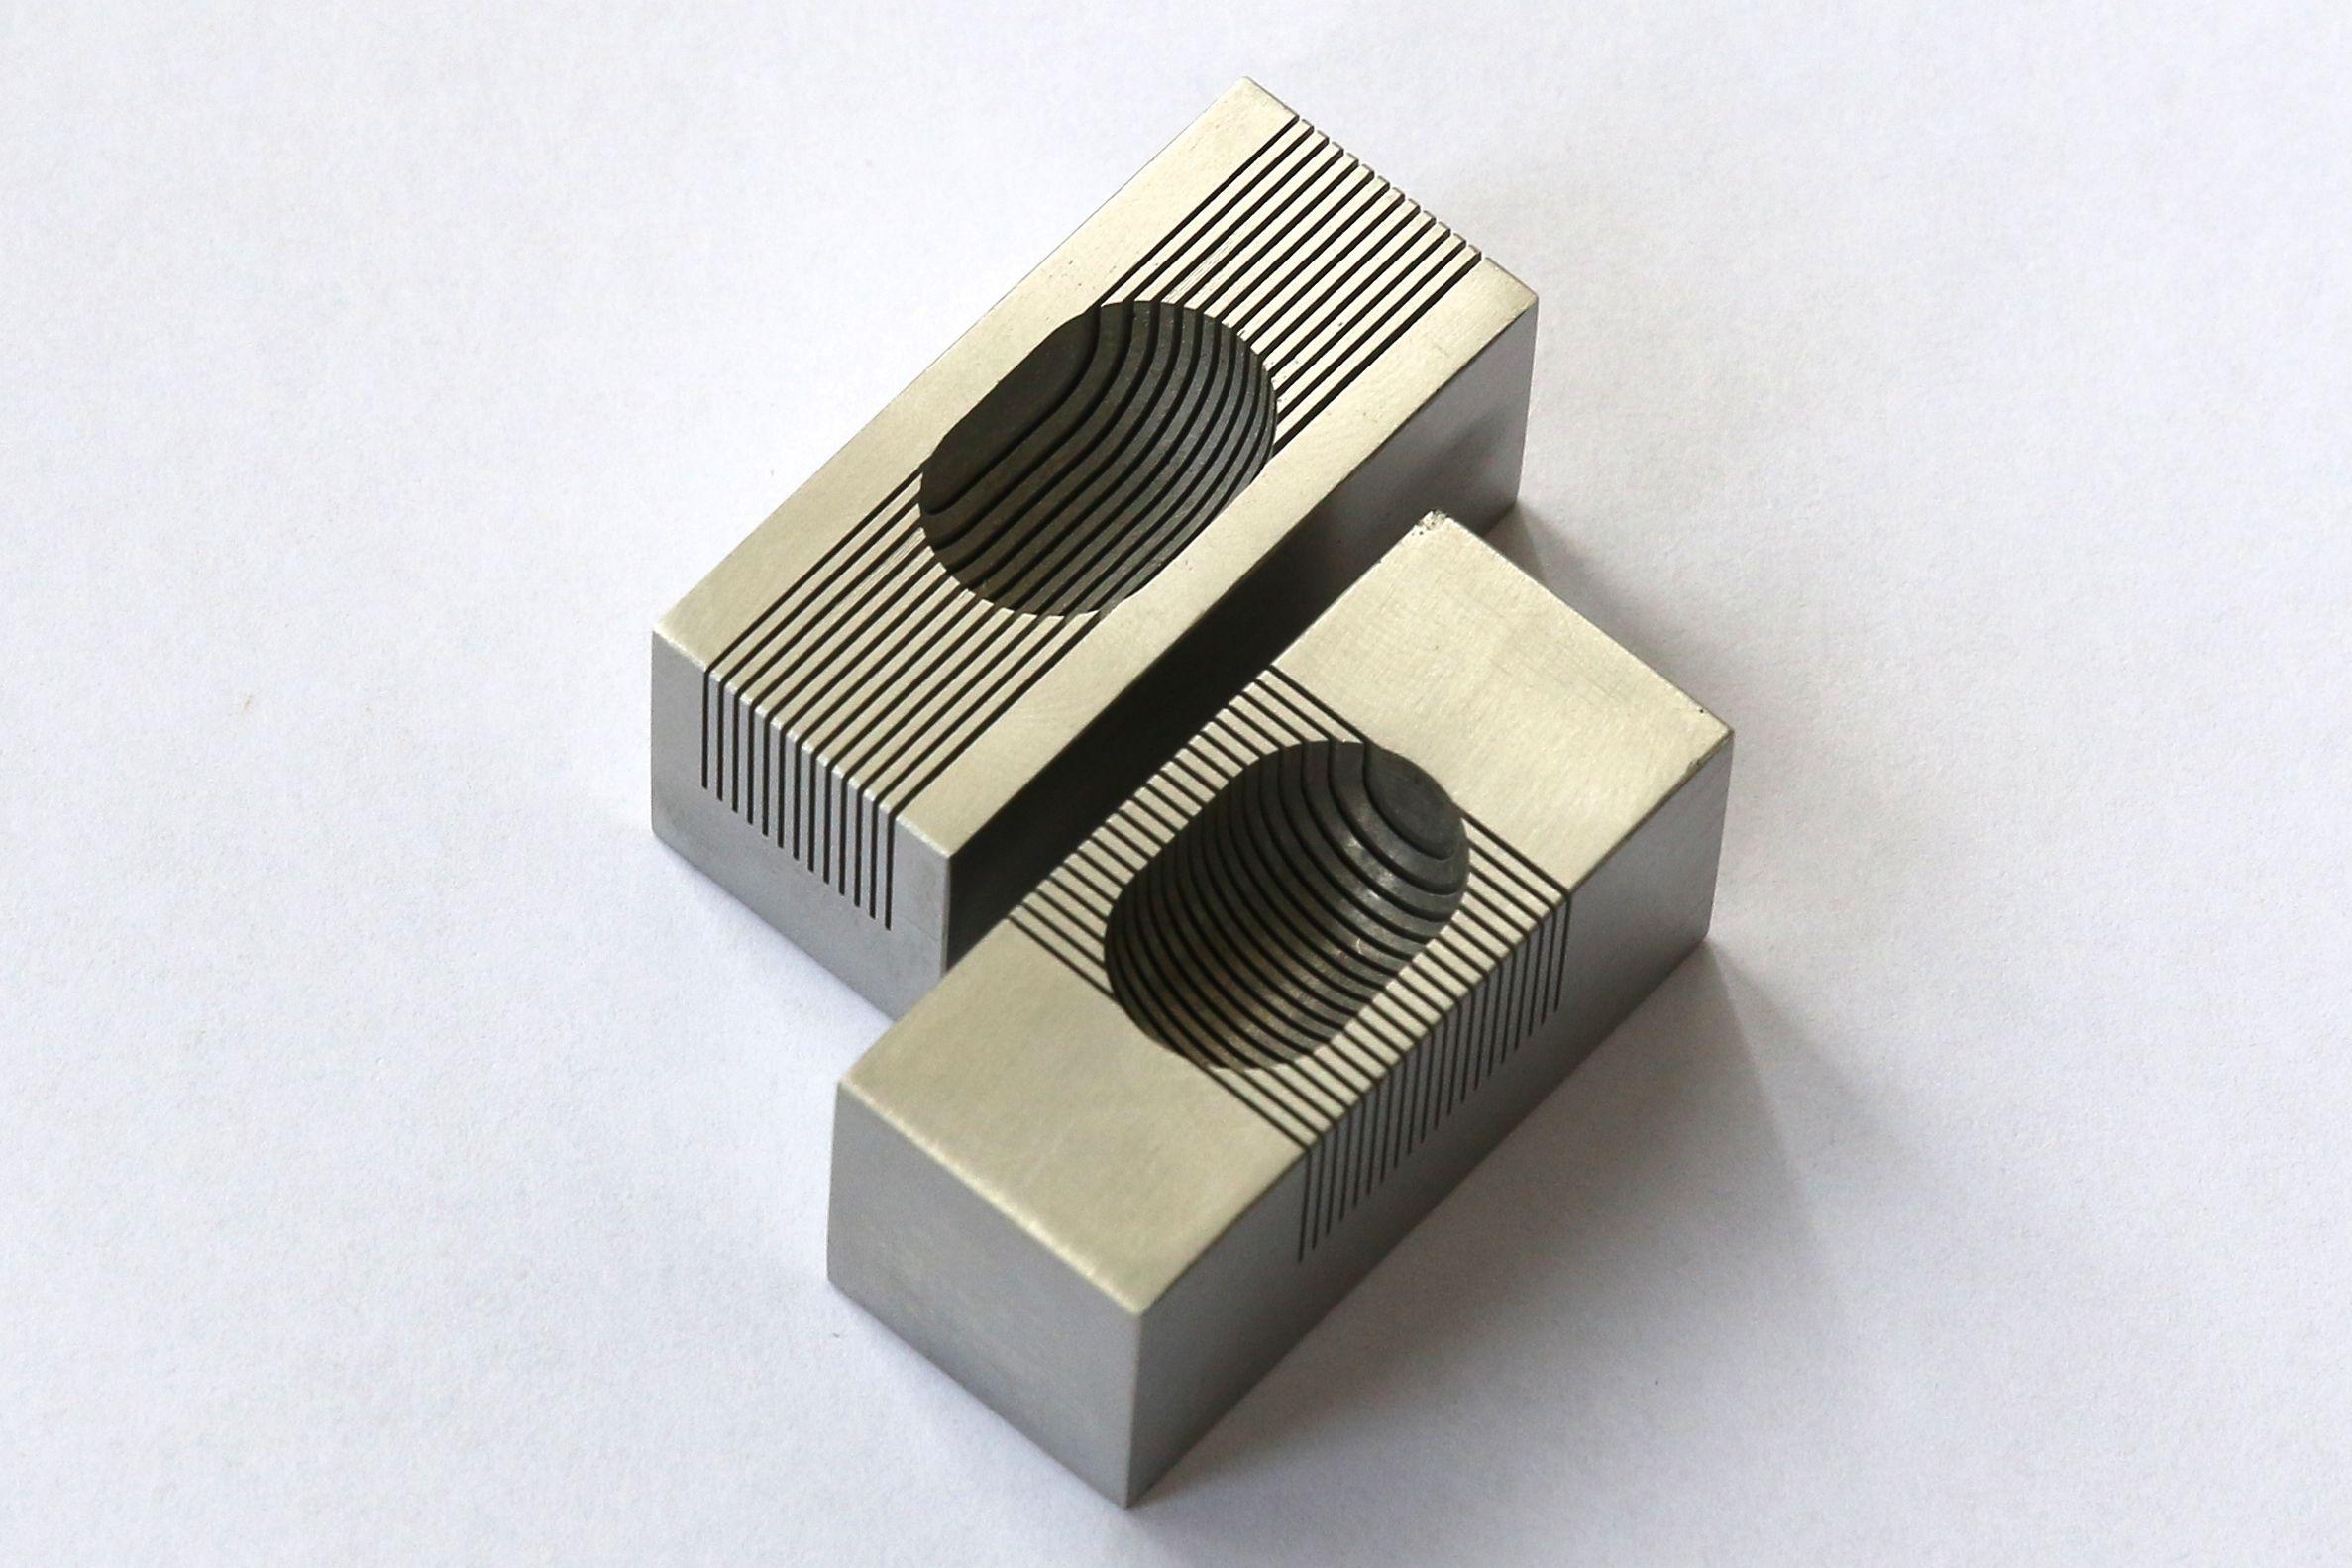 大鼠心脏切片模具(1mm矢状切片)